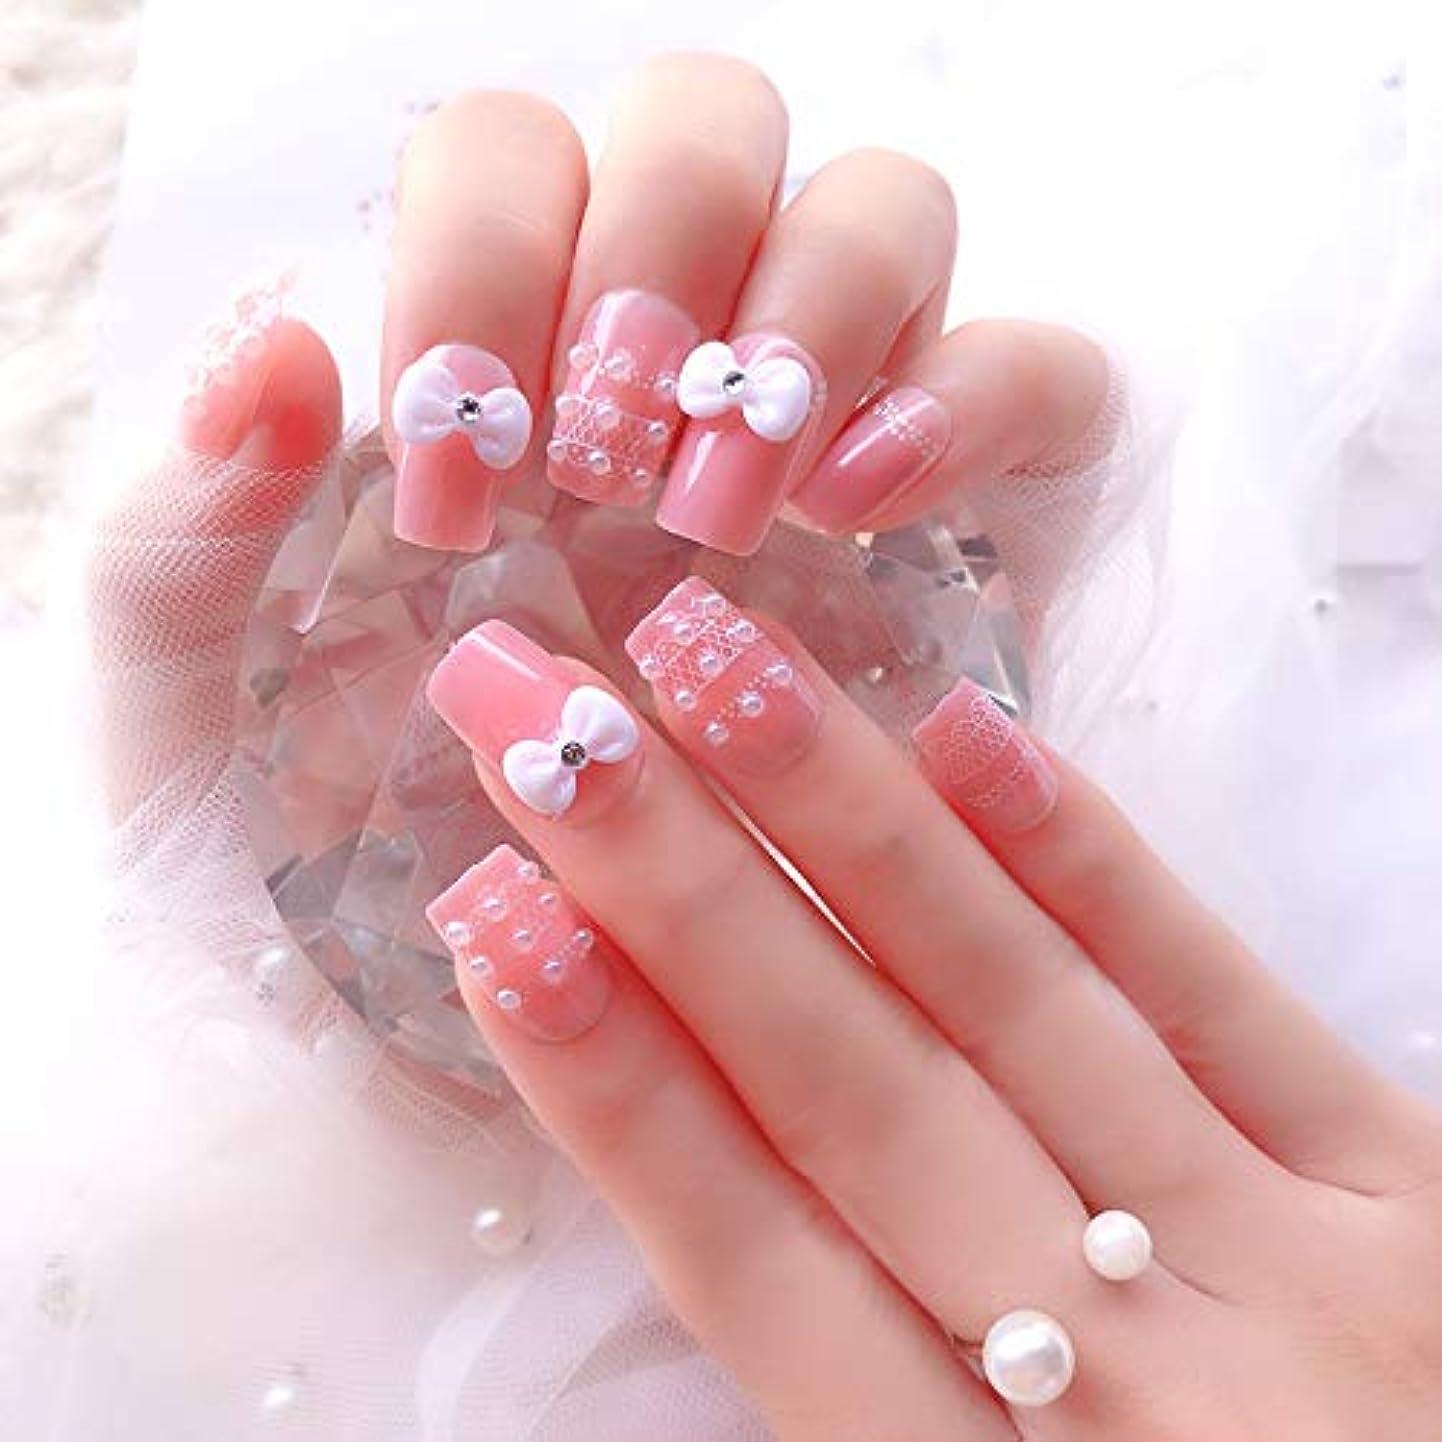 セットする疑問に思う平衡花嫁ネイル 手作りネイルチップ 和装 ネイル 24枚入 結婚式、パーティー、二次会など 可愛い優雅ネイル 蝶の飾り付け (ピンク)